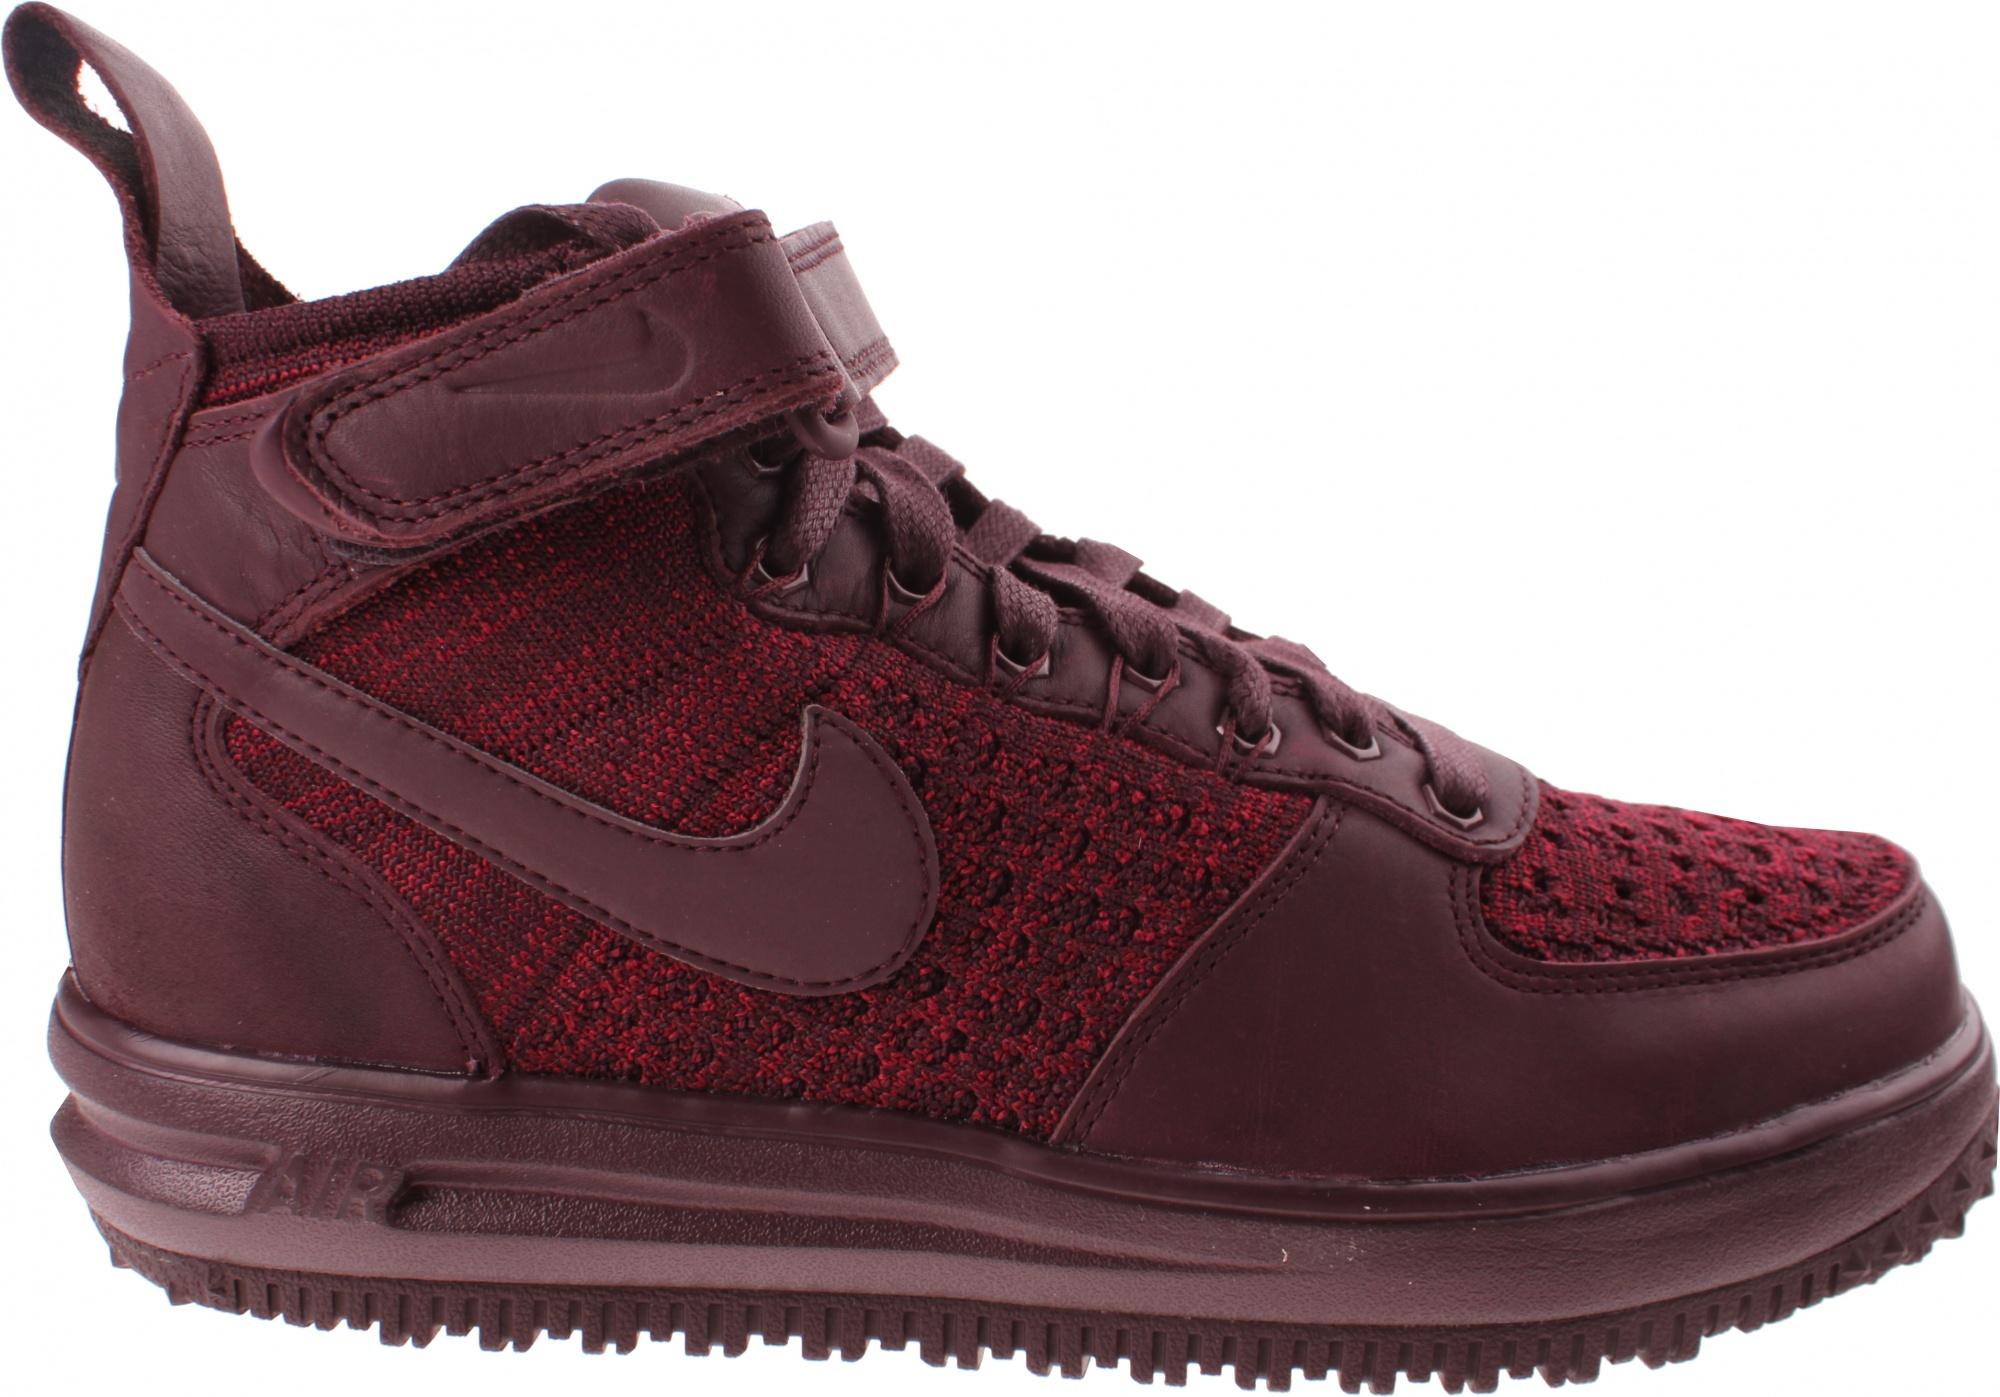 best service 92a27 a695b Nike sneaker Lunar Force 1 Flyknit ladies burgundy ...